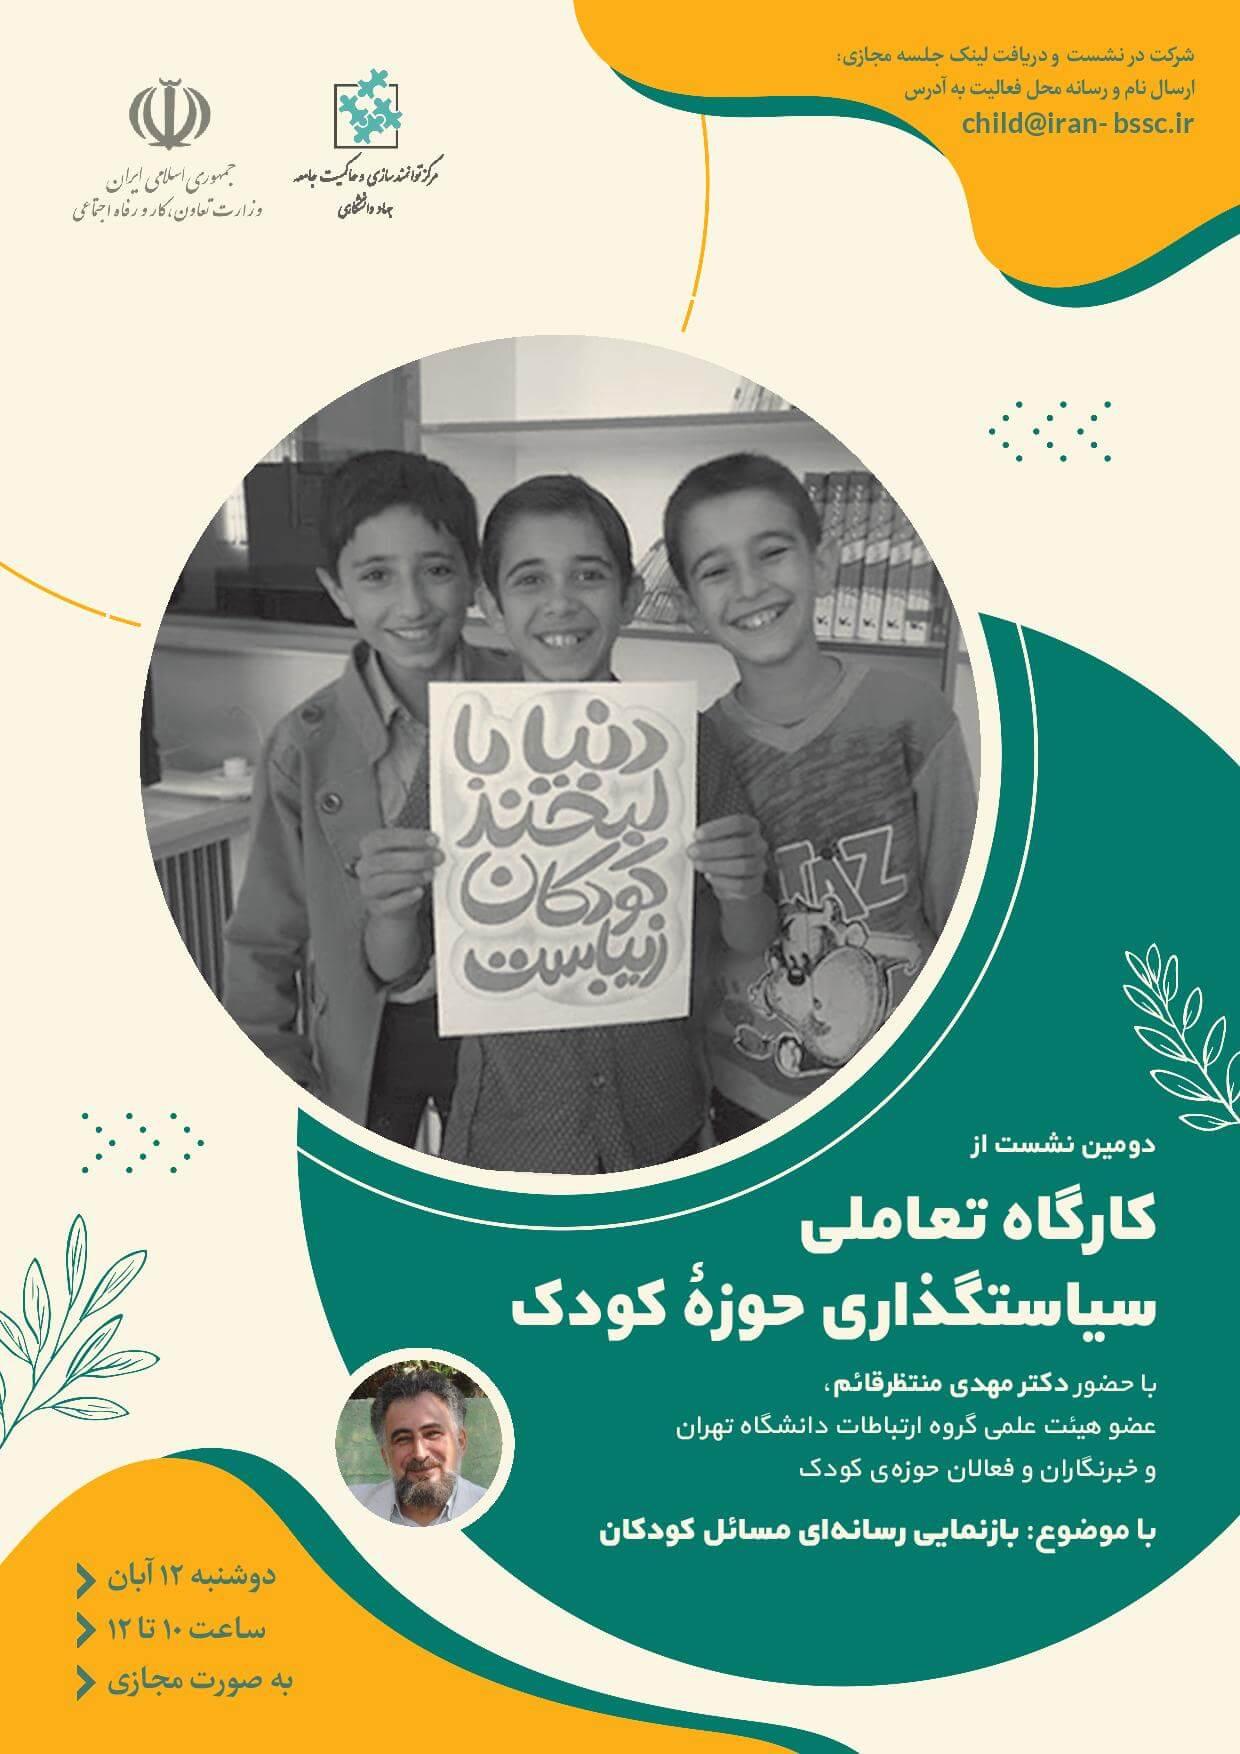 کارگاه سیاستگذاری حوزه کودک